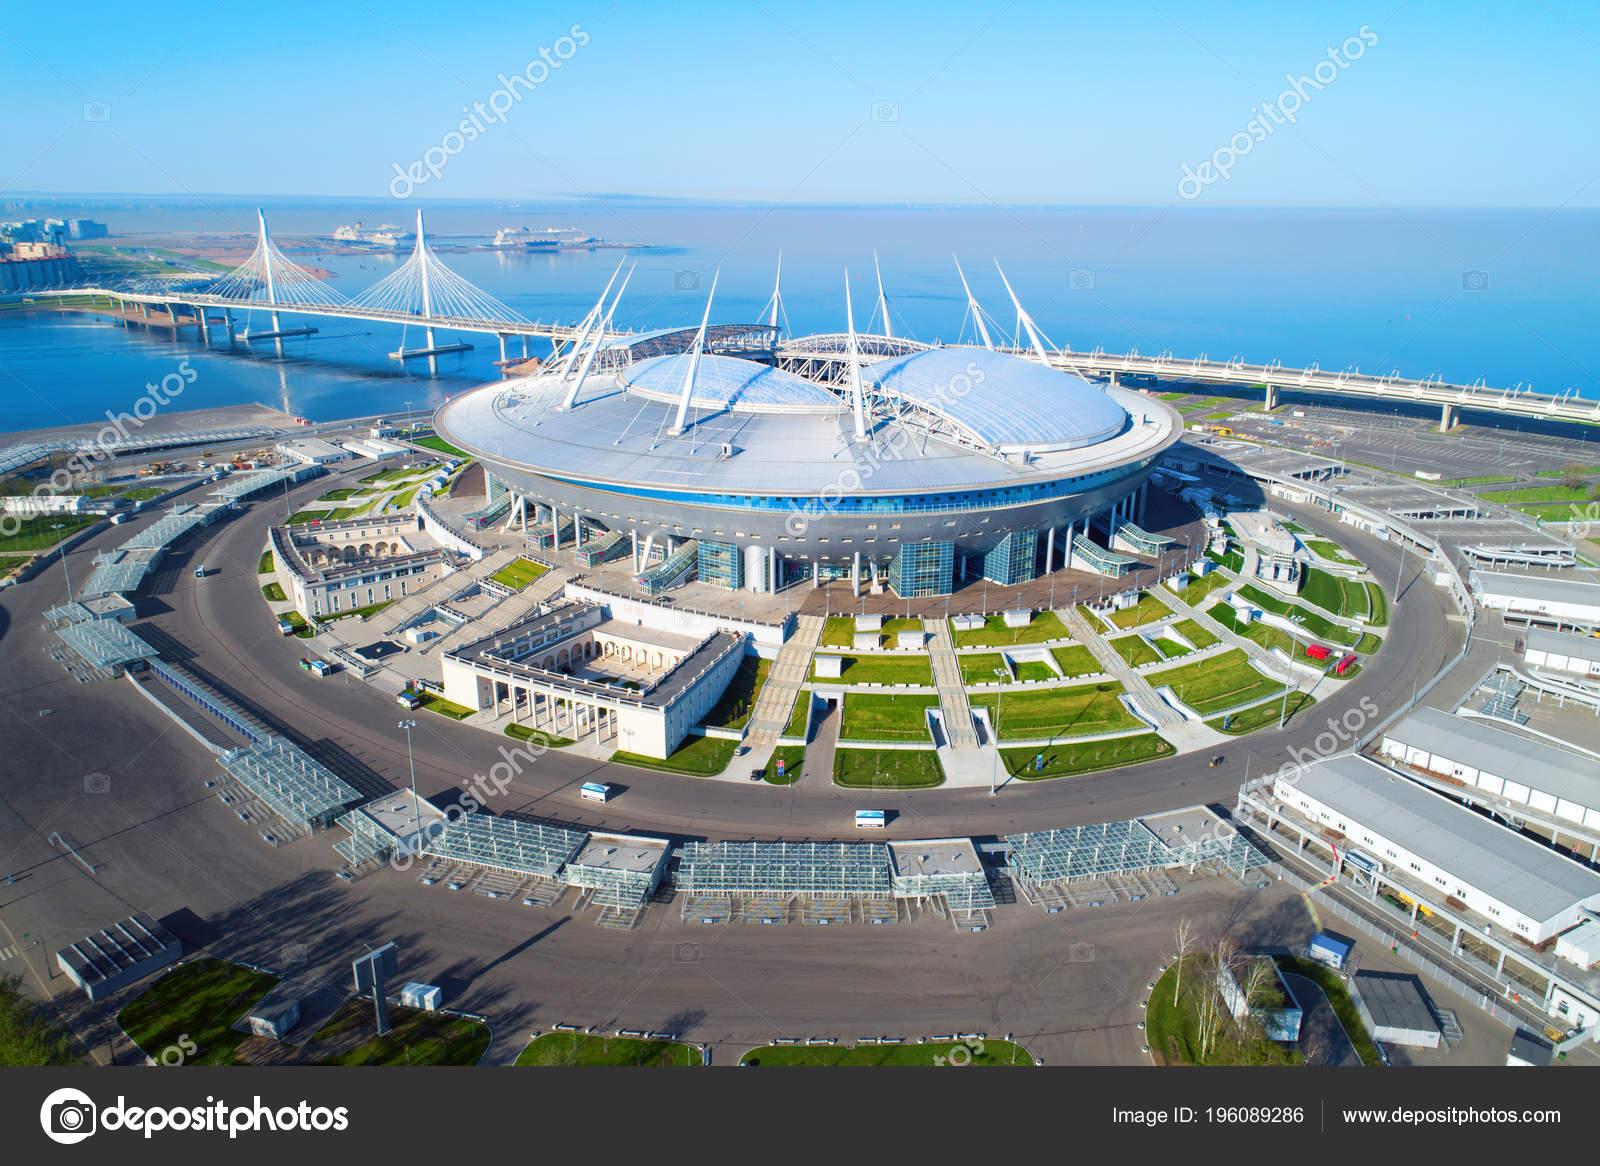 Foto Aerea Del San Petersburgo Estadio Tambien Llamada Arena Zenit